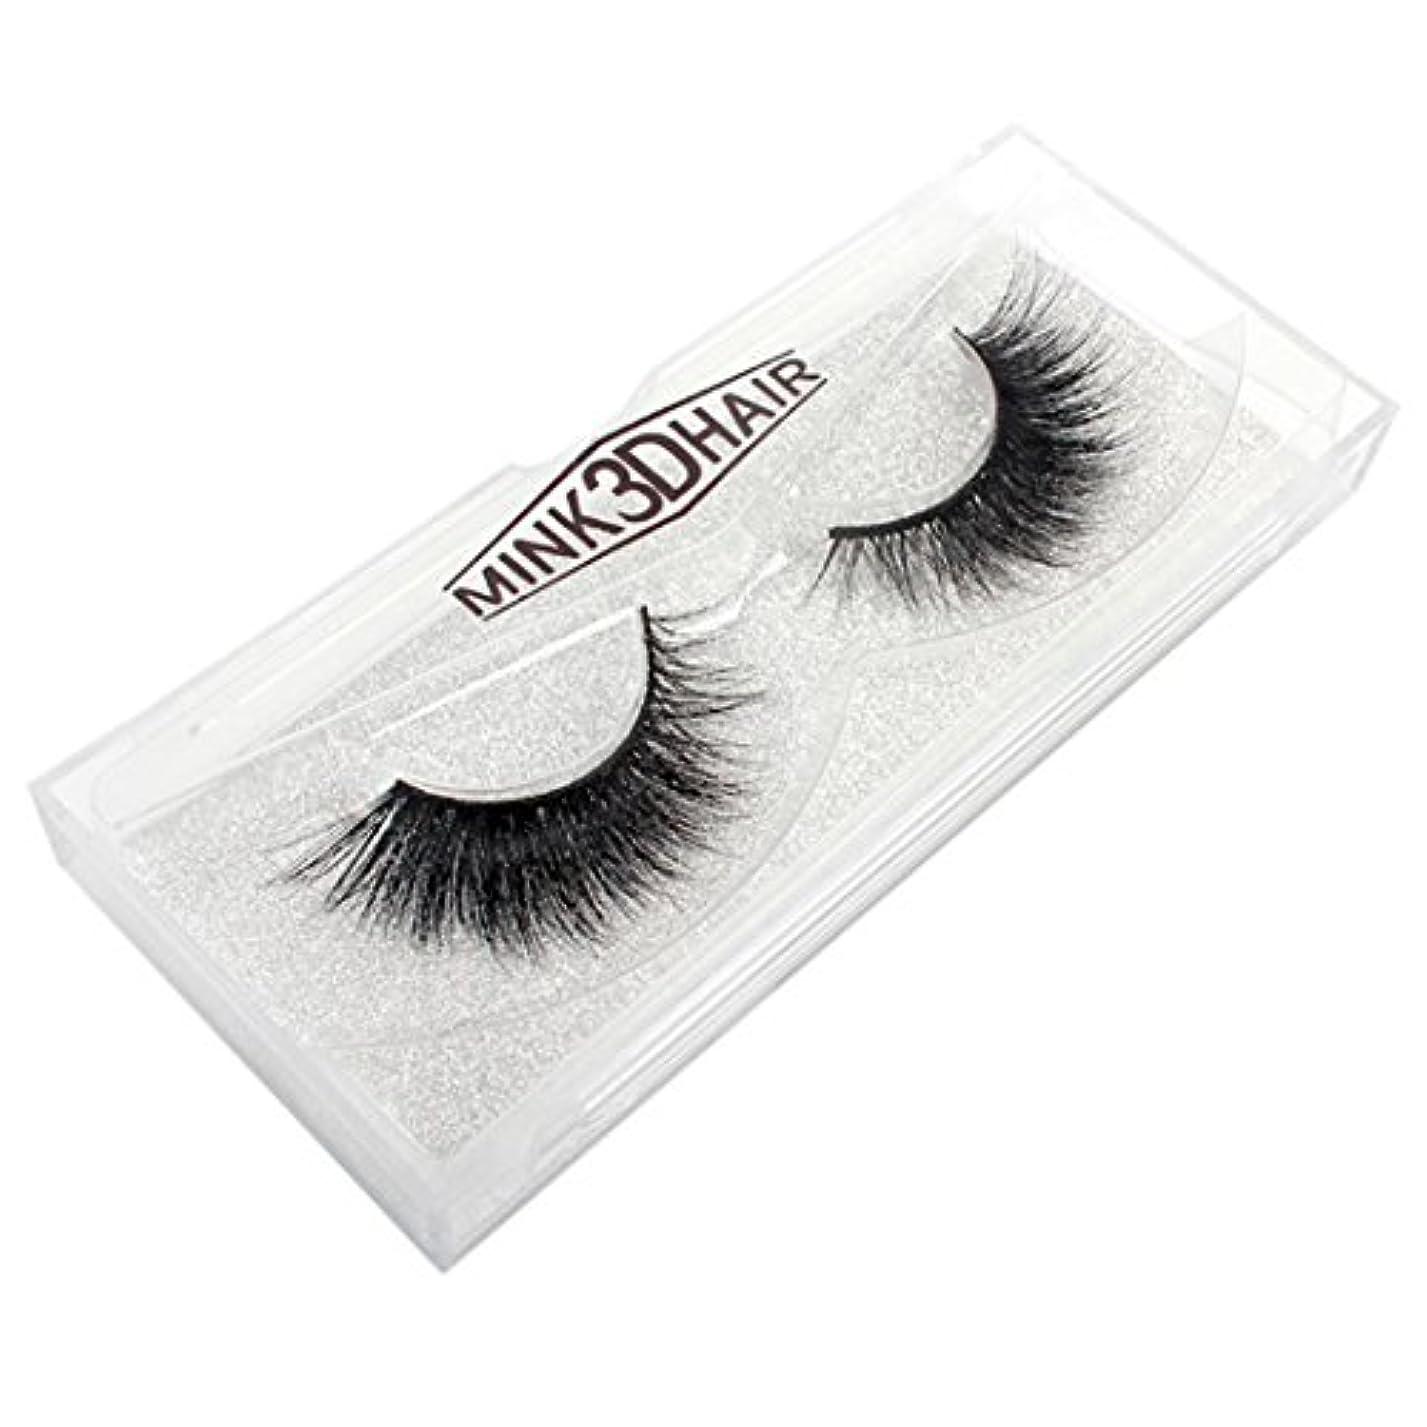 について静かなブラインドFeteso 1ペア つけまつげ 上まつげ Eyelashes アイラッシュ ビューティー まつげエクステ扩展 レディース 化粧ツール アイメイクアップ 人気 ナチュラル 飾り ふんわり 装着簡単 綺麗 極薄/濃密